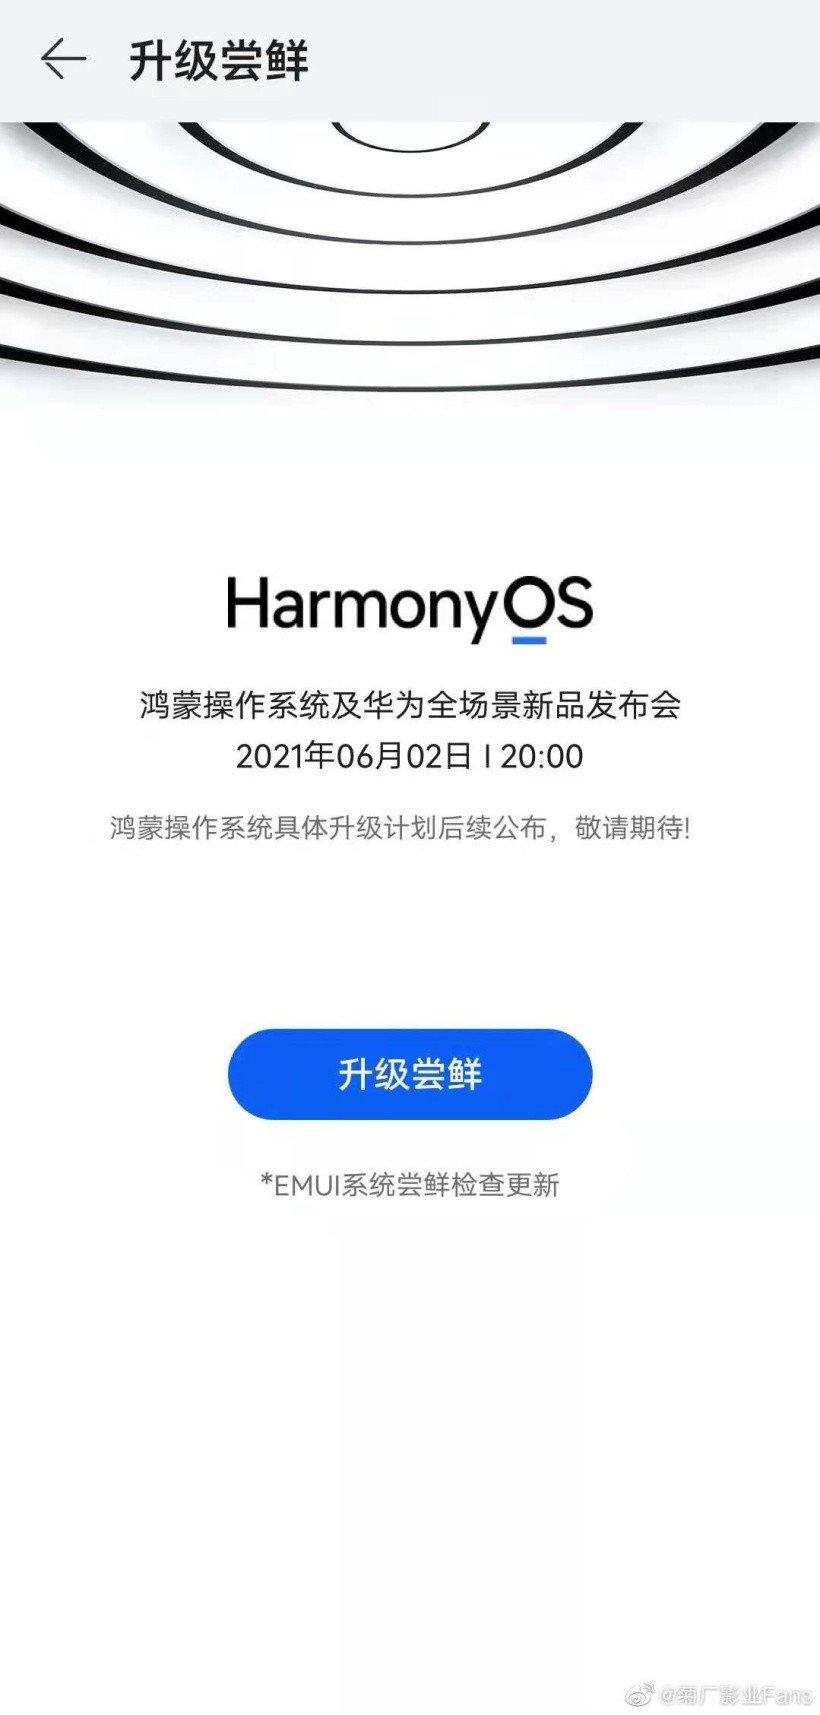 detalhes do registo no site da huawei sobre harmonyos